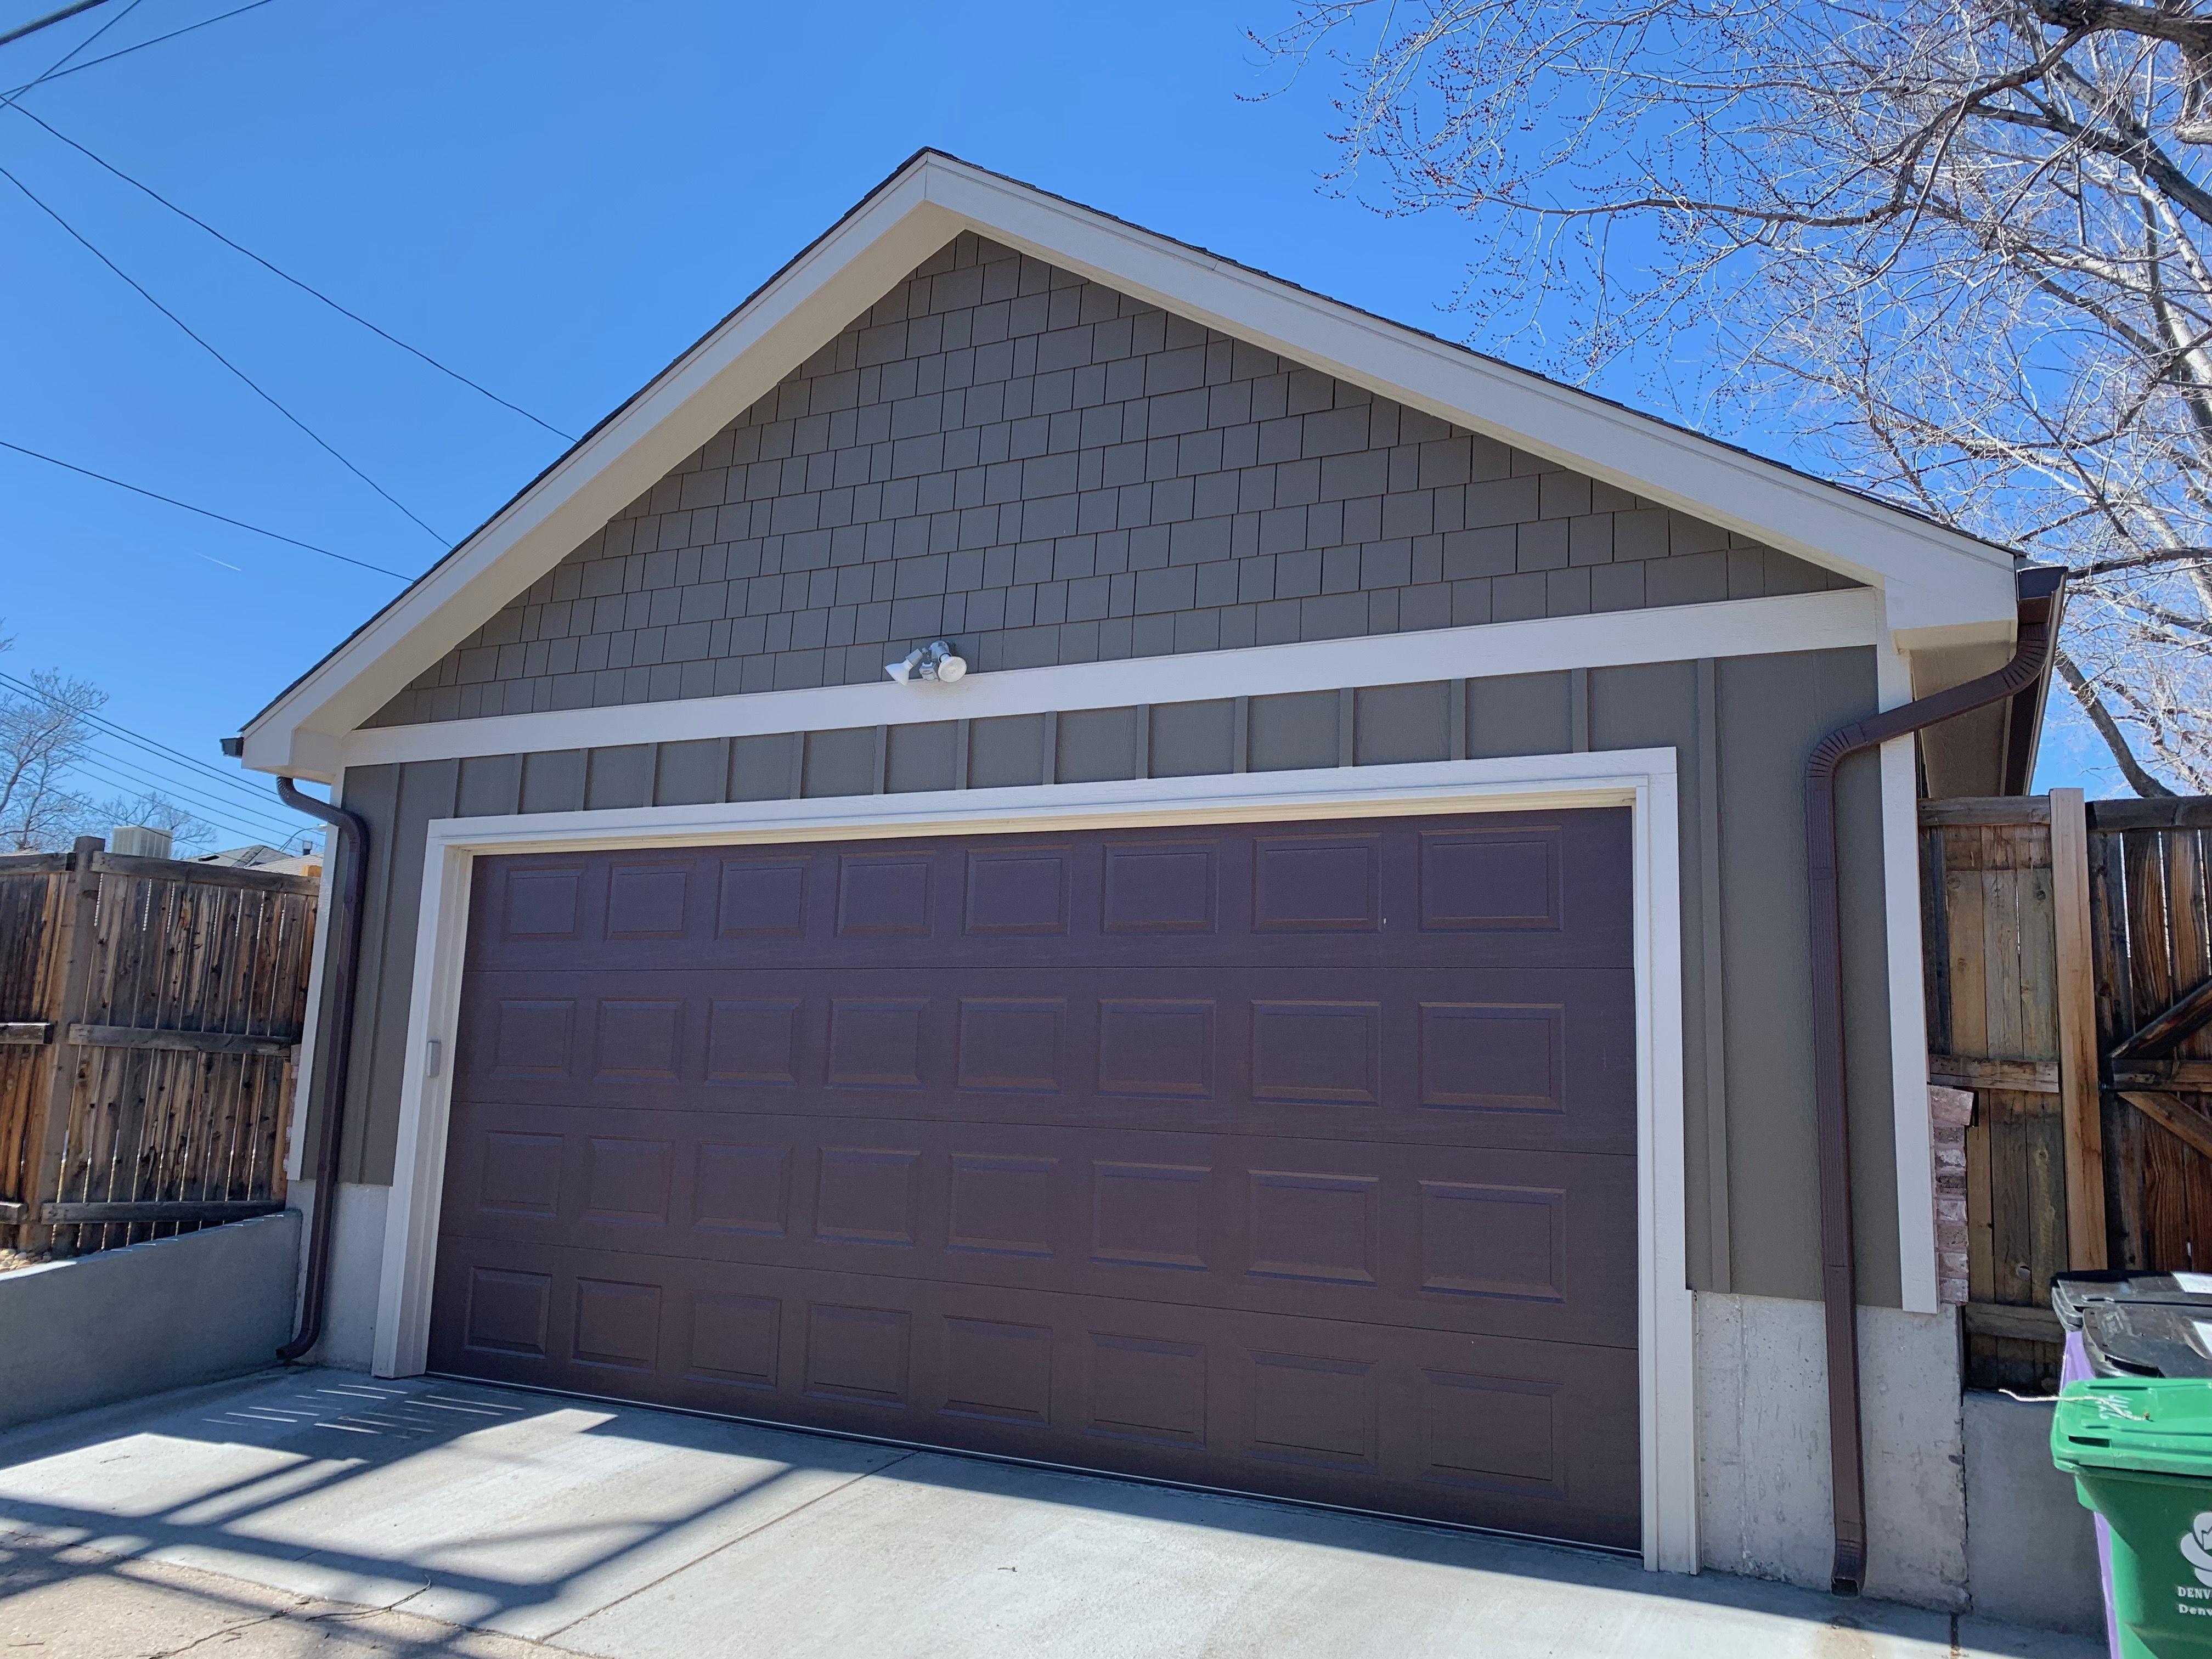 Pin By Katie Wegner On Wegner Mack Garage Conversion Outdoor Decor Outdoor Structures Outdoor